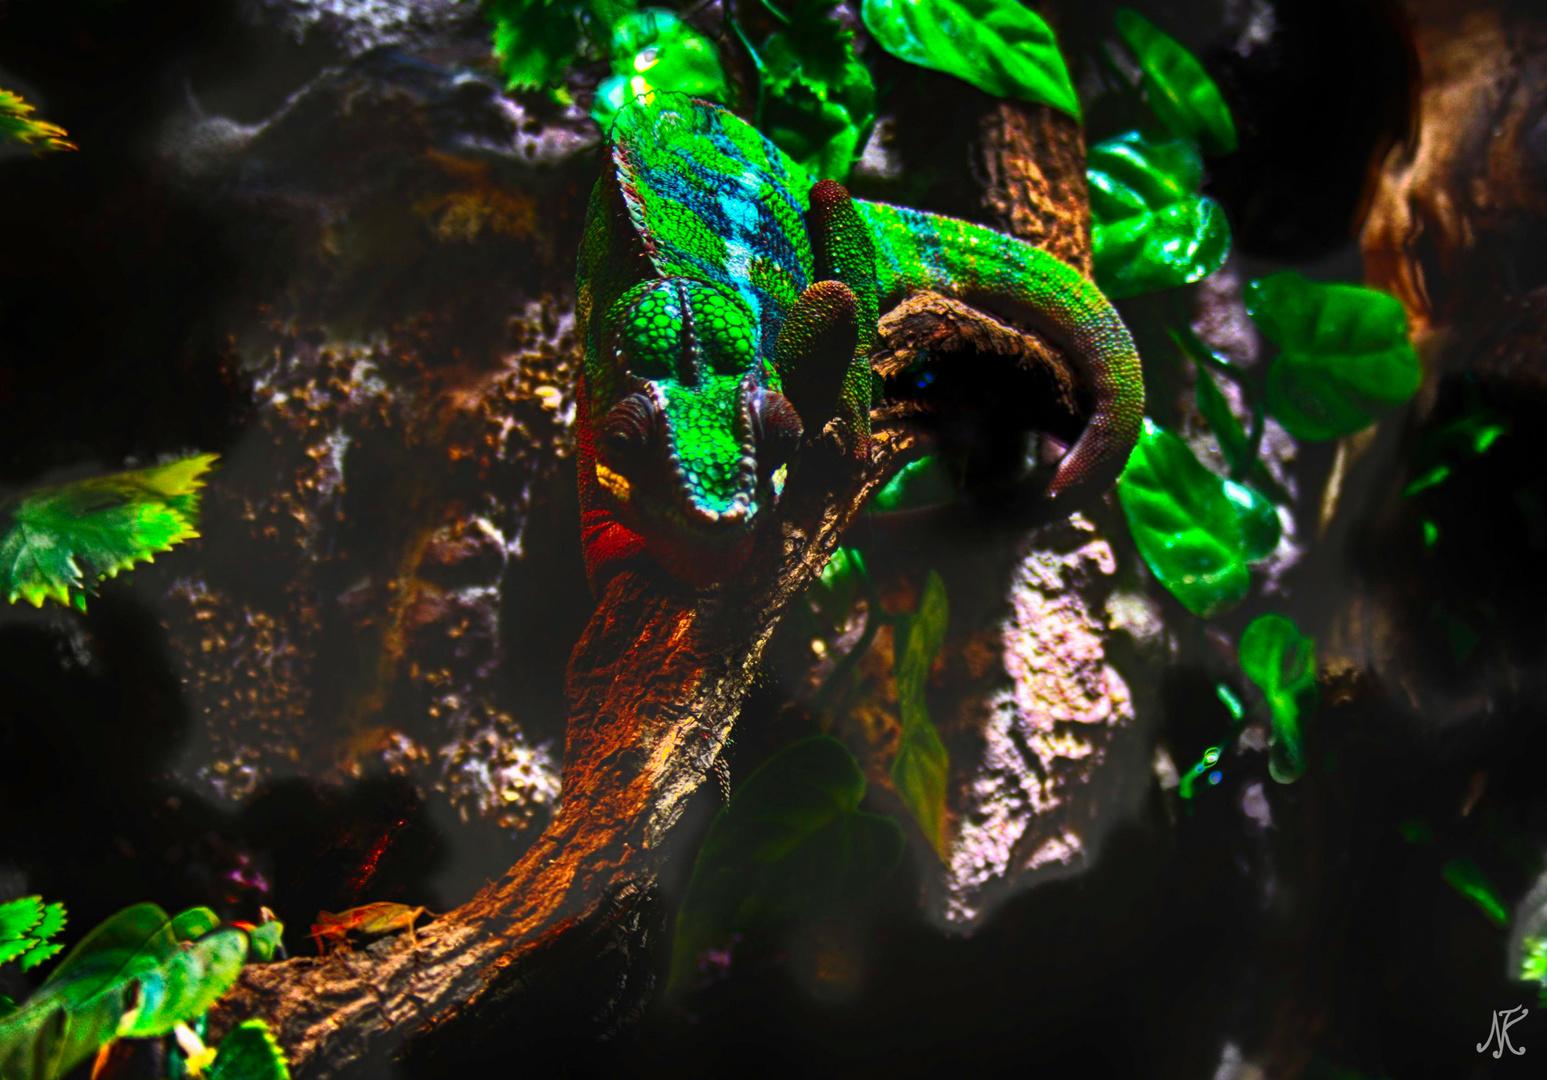 Chameleon Hanibal